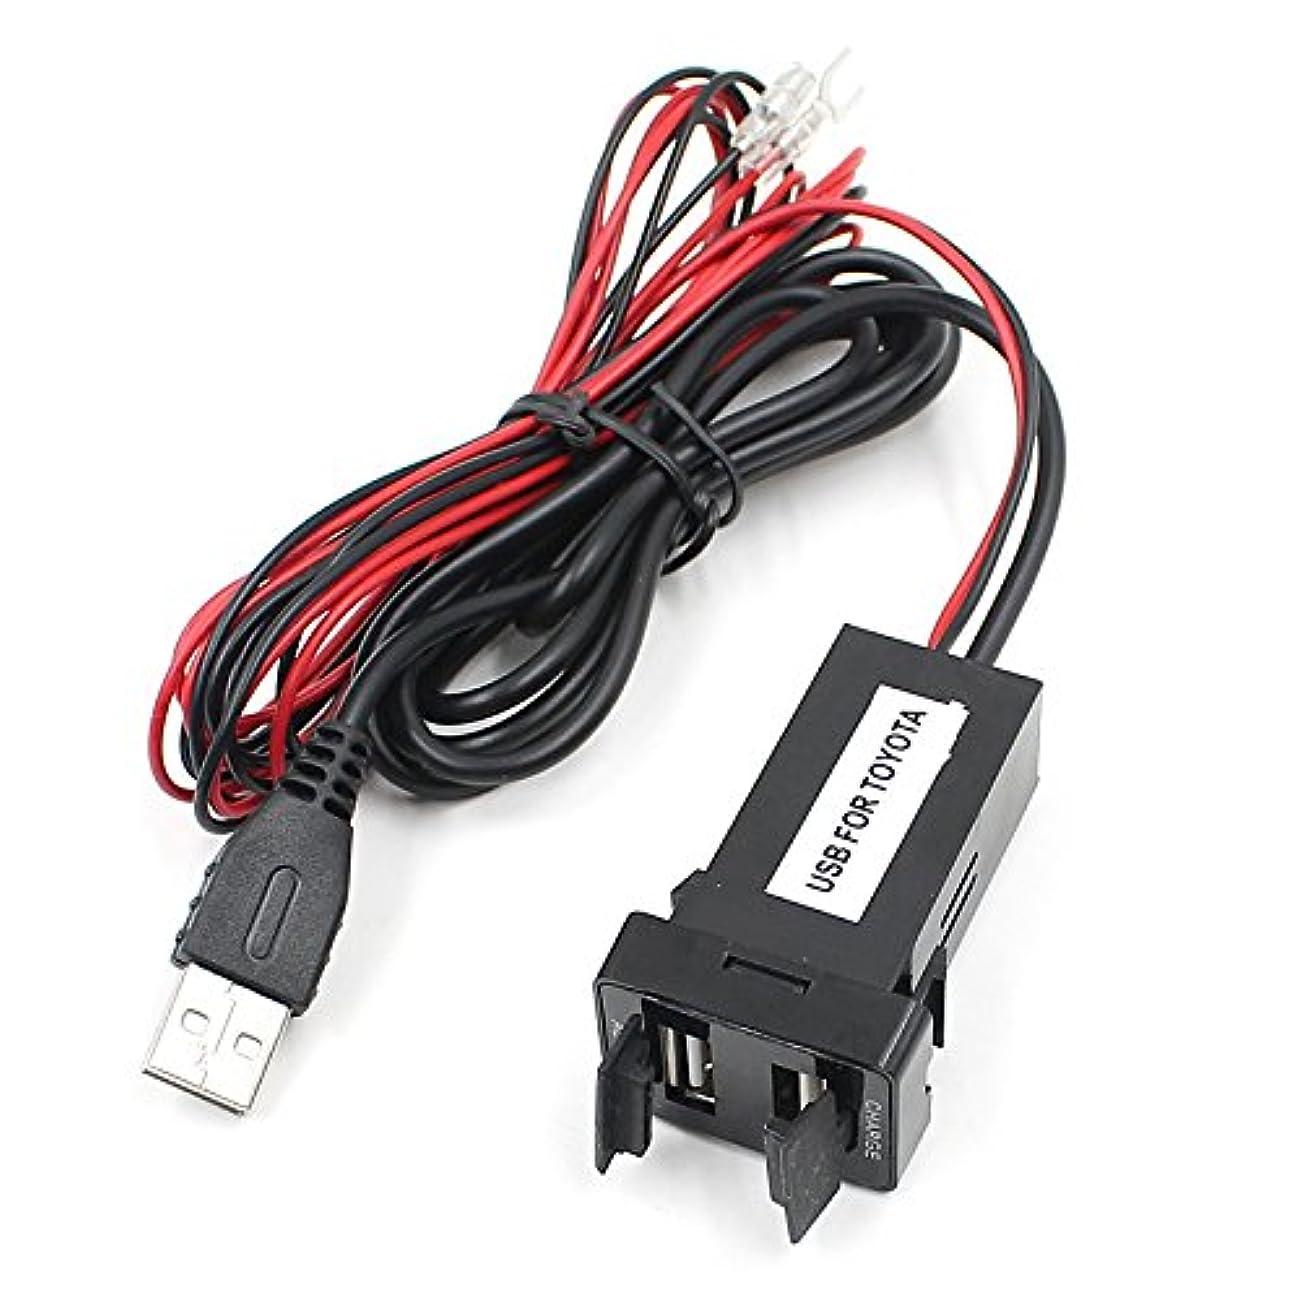 ティッシュしたがって機転CUHAWUDBA デュアル USB 充電器/オーディオポートインターフェイス トヨタ/サイオンカーブランクスイッチホール用